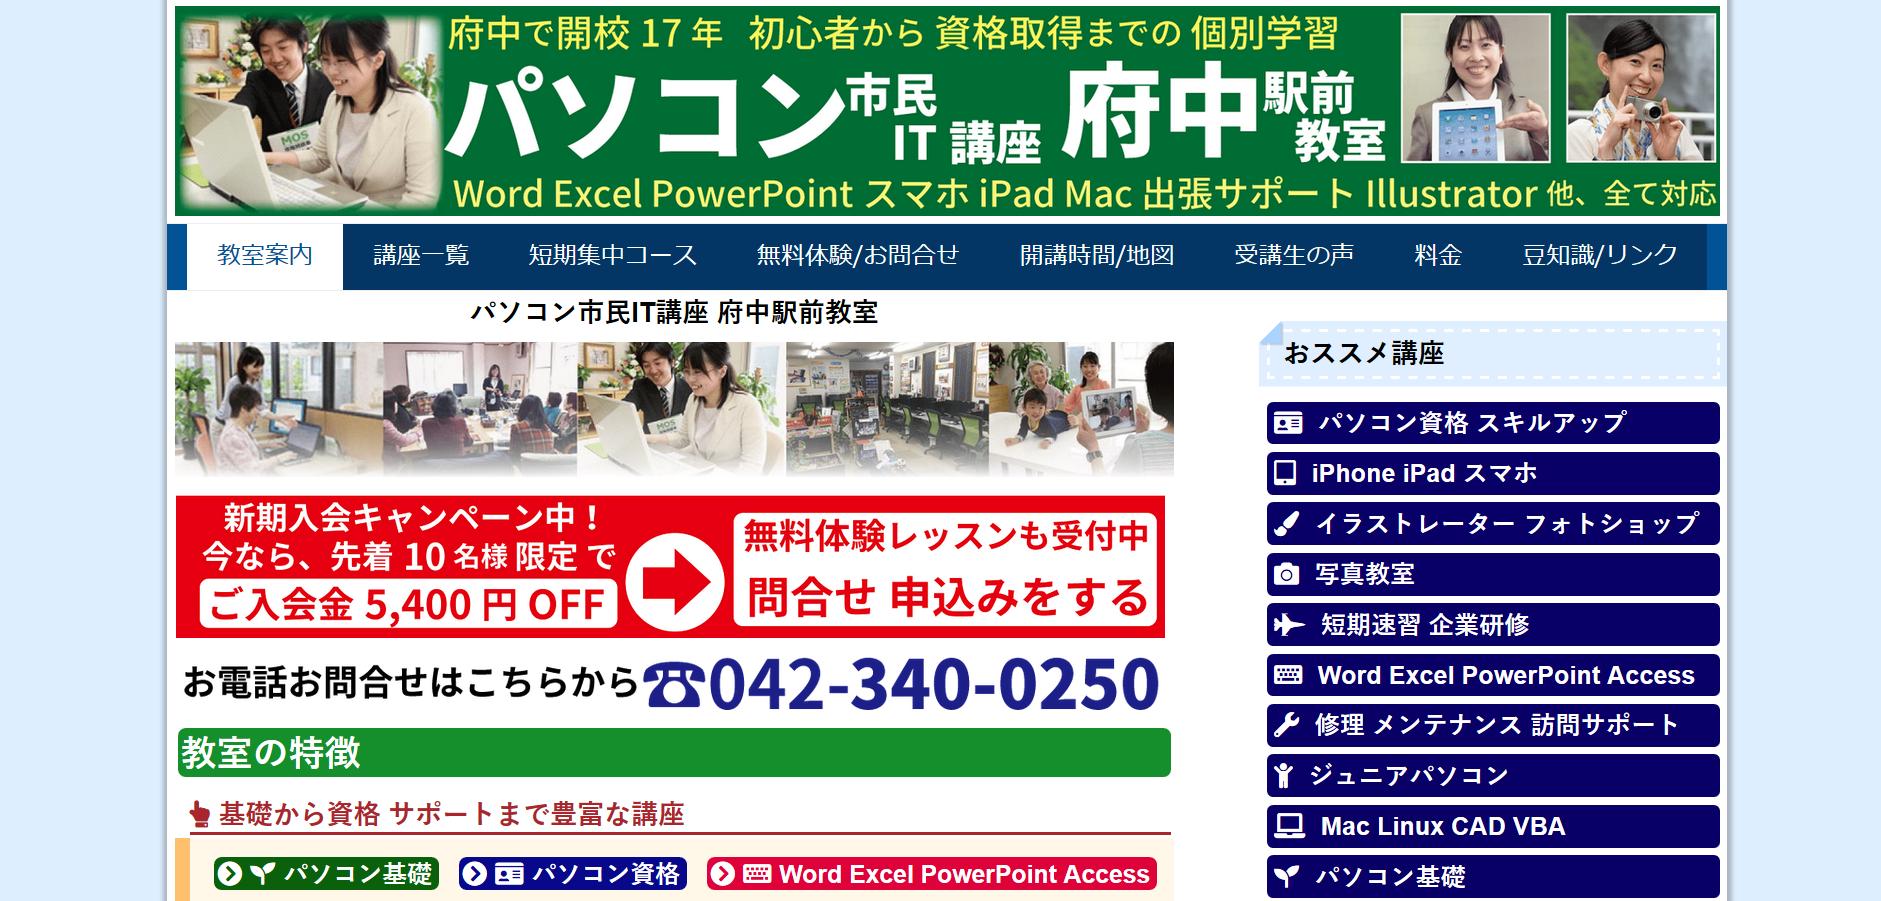 パソコン市民IT講座 府中駅前教室の評判・口コミ